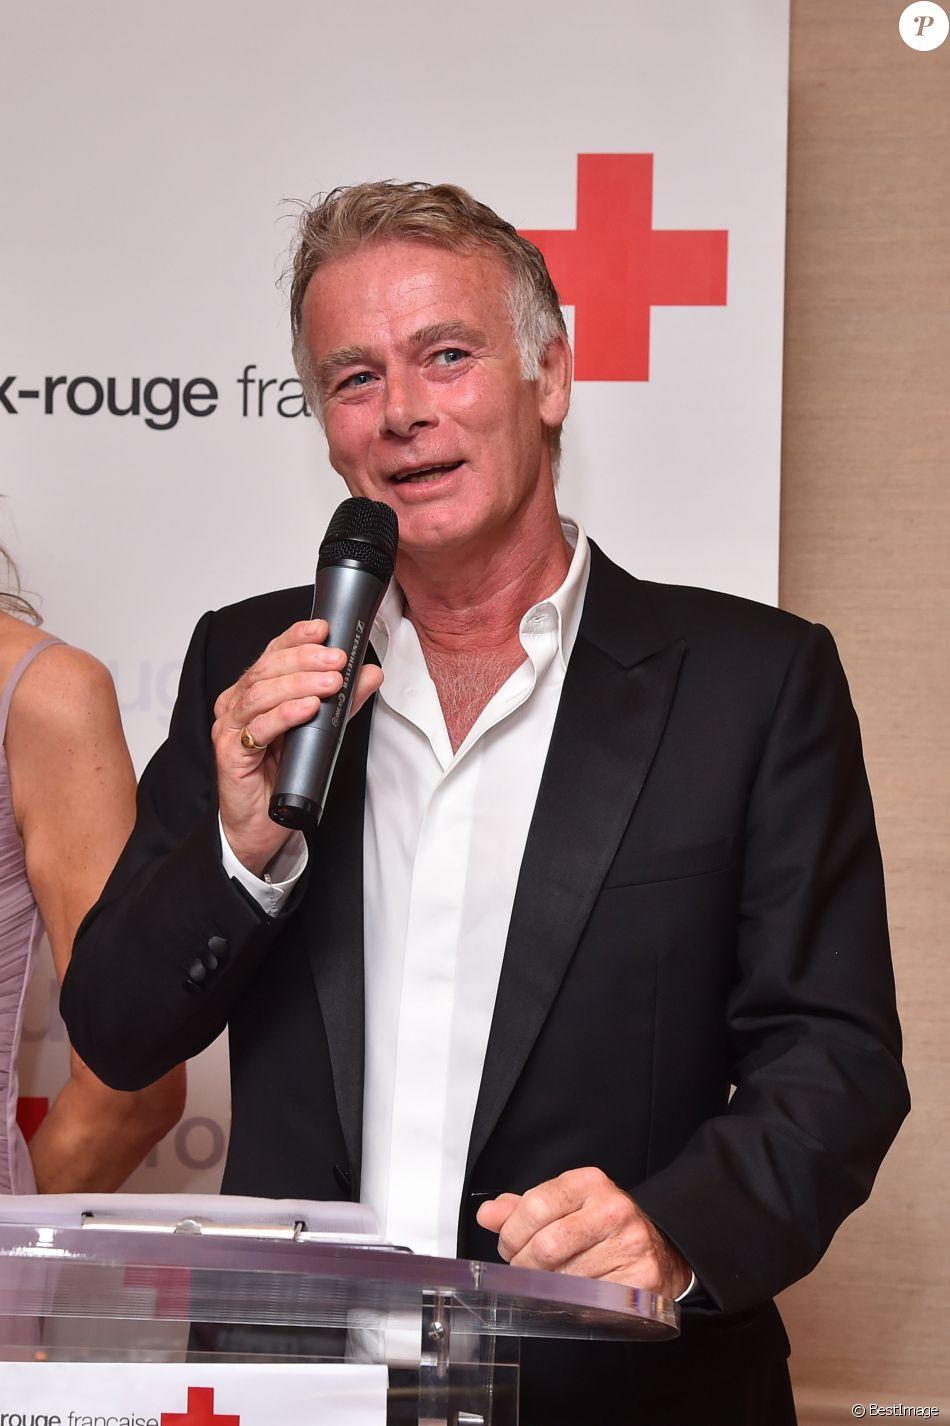 Franck Dubosc, le comédien et humoriste français, durant le 5ème gala annuel de l'unité d'Antibes Juan les Pins, Vallauris, Golfe Juan, de la Croix Rouge française dans le cadre du prestigieux hôtel Eden Roc au Cap d'Antibes, le 10 juin 2017.